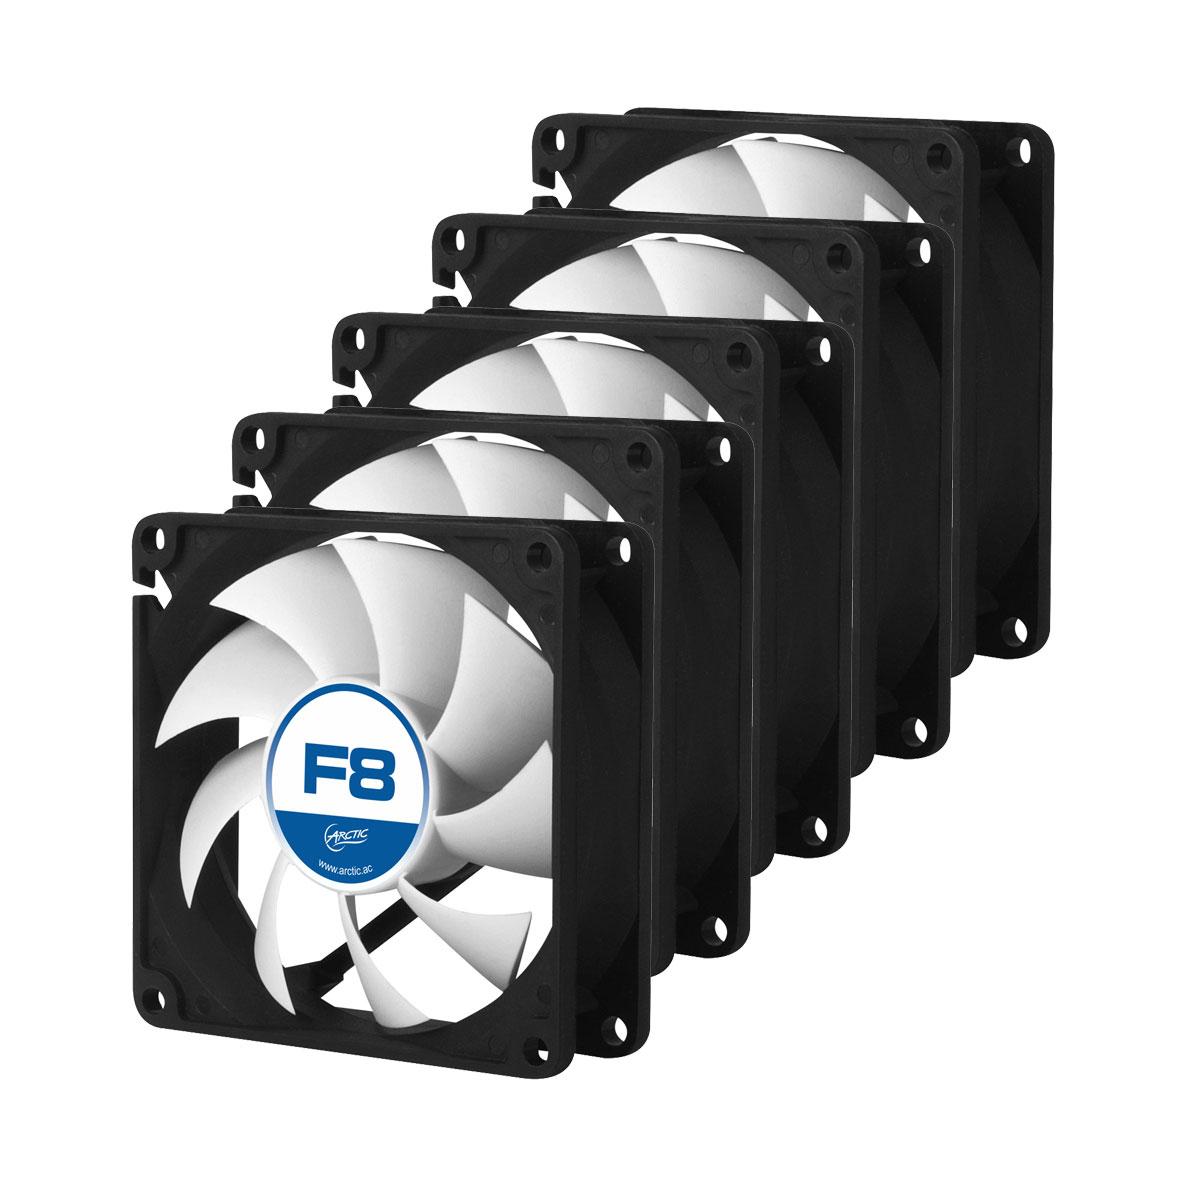 Ventilateur boîtier Arctic F8 Value Pack Ventilateur de boîtier 80 mm (Lot de 5)